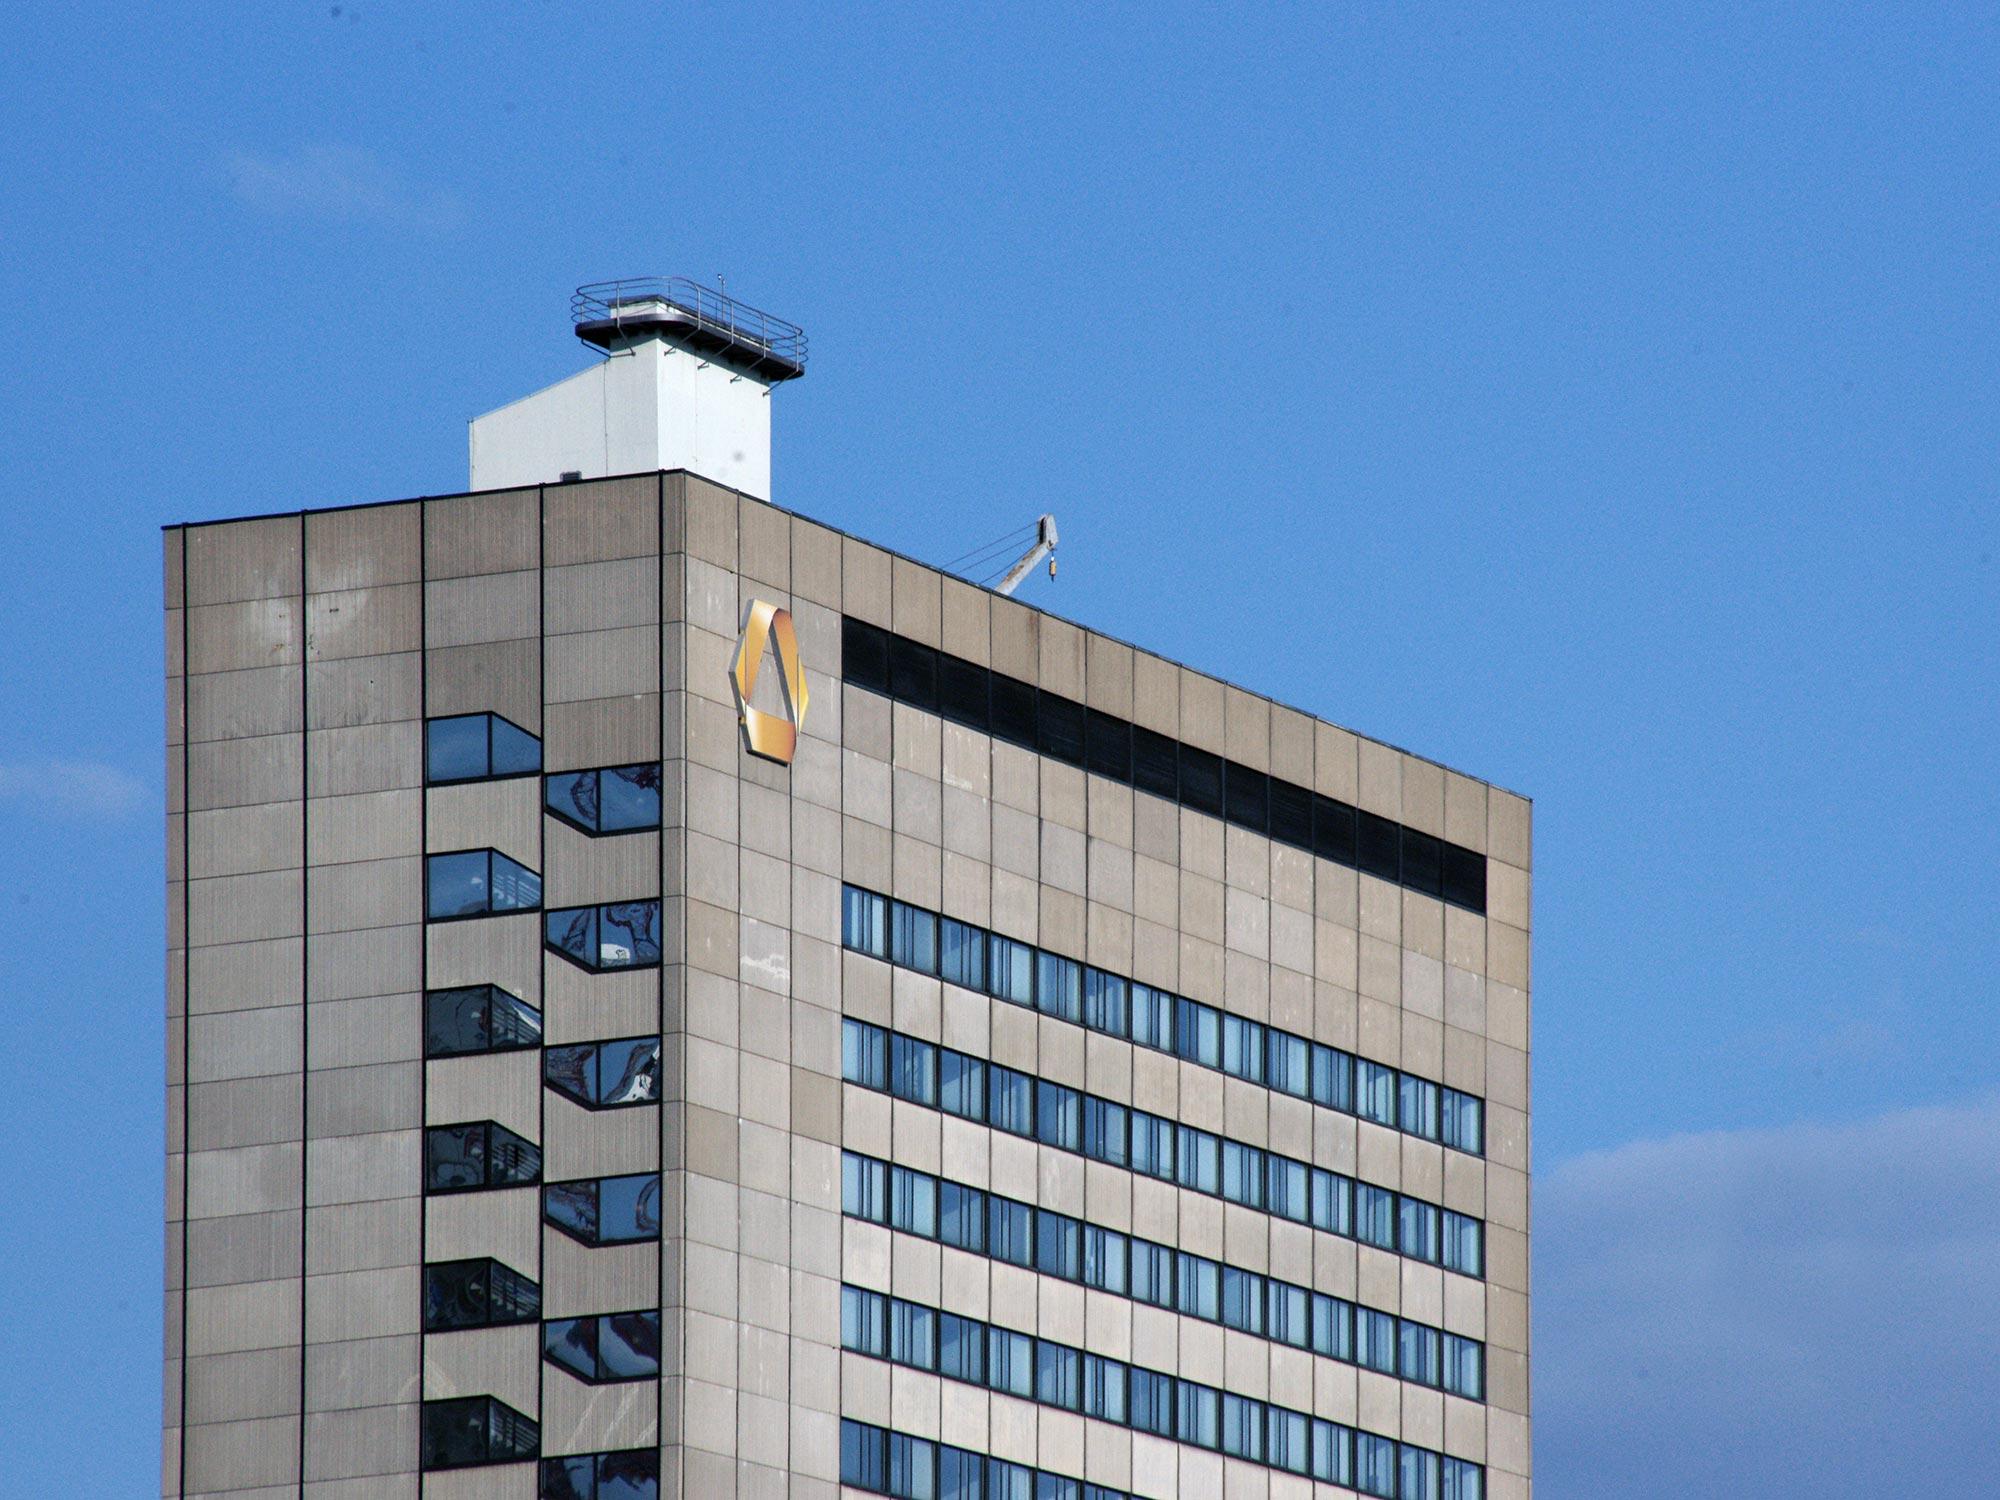 Hochhaus der Commerzbank AG am DLZ (Dienstleistungszentrum) - Hochhaus Commerzbank Trading Center - Posthochhaus - Hochhaus Hafenstrasse Frankfurt am Main